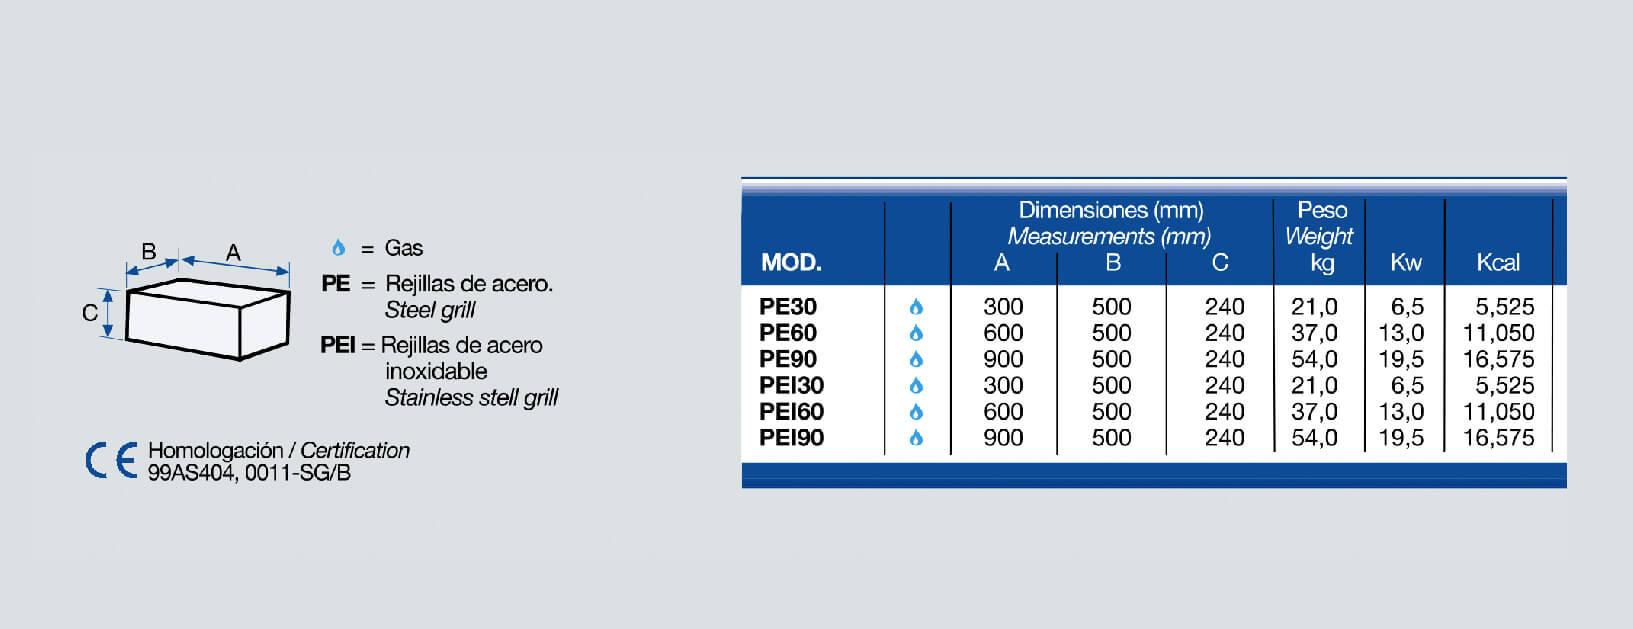 Dimensiones parrillas de gas ecnómicas